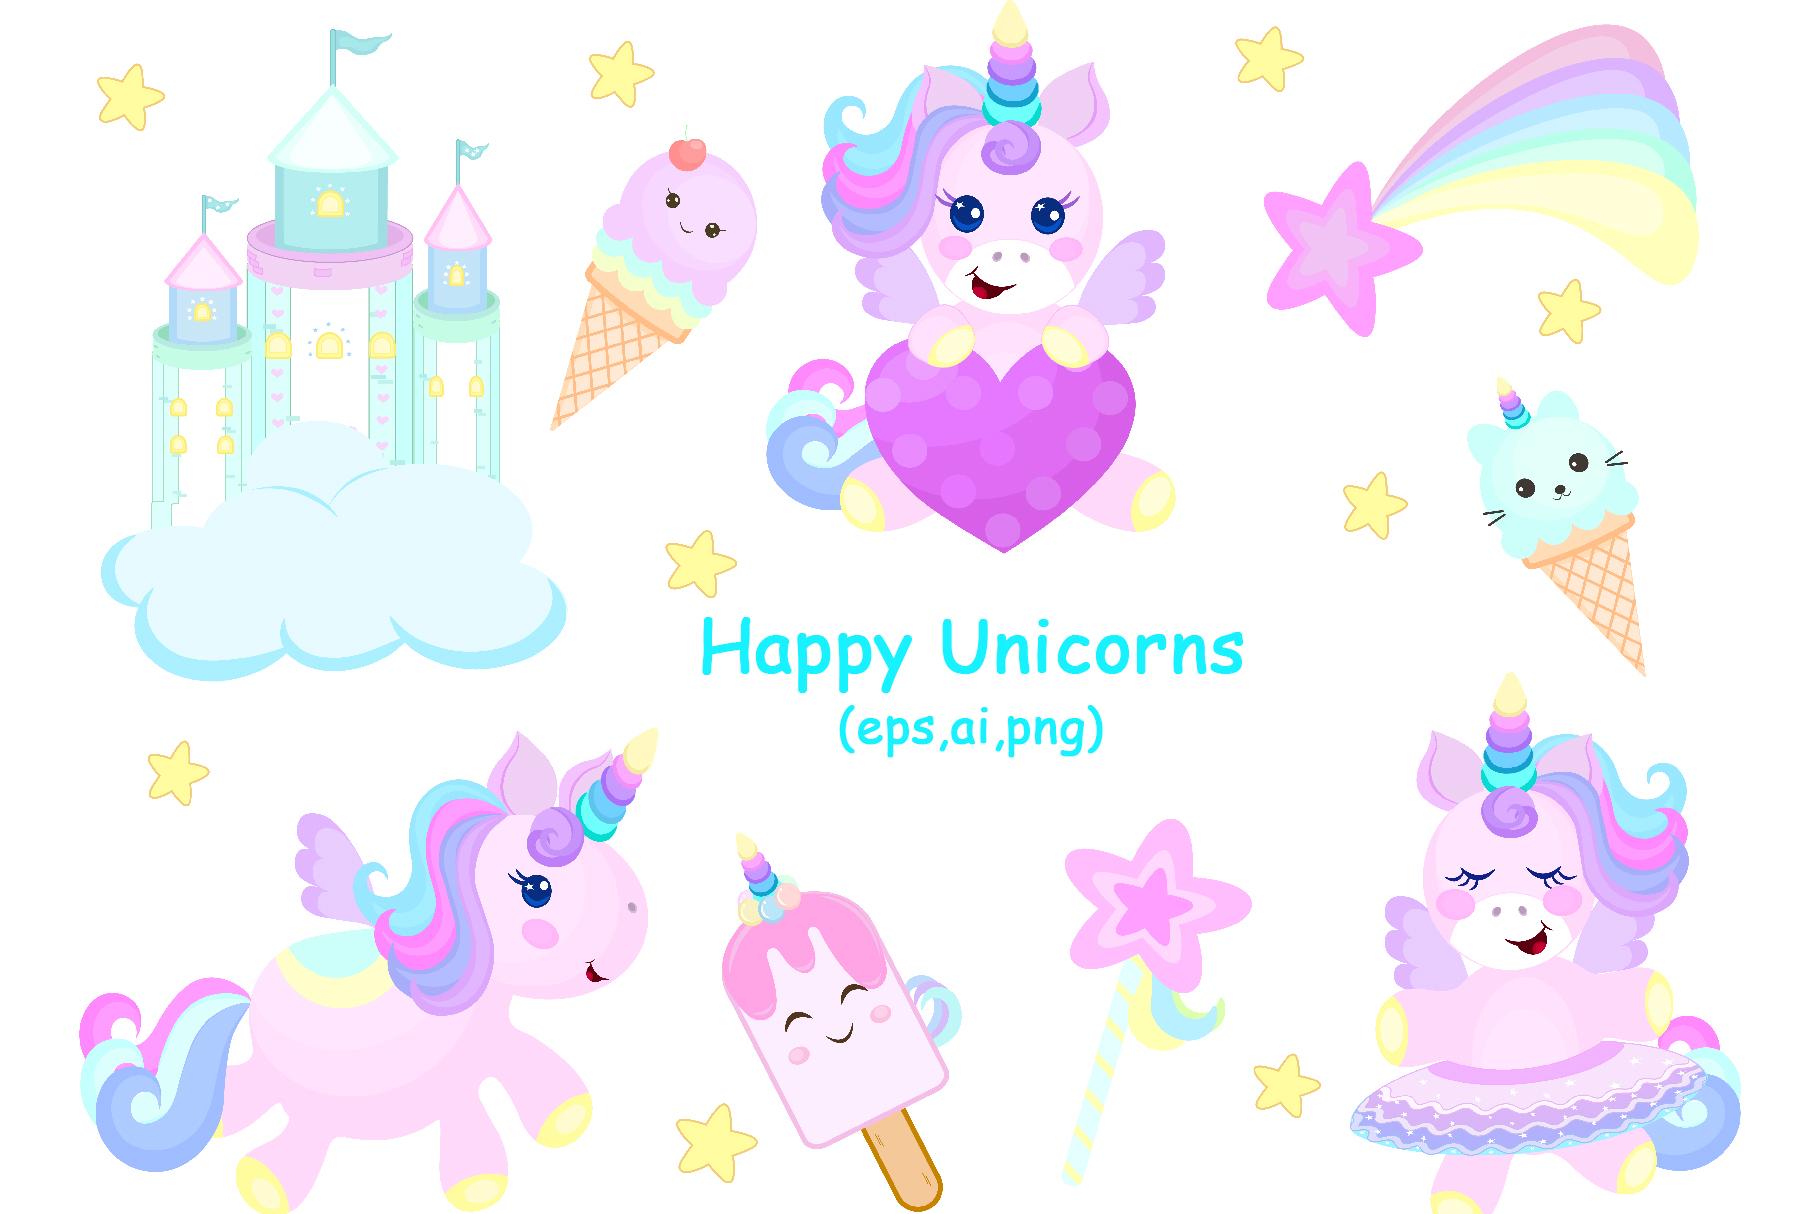 Happy Unicorns example image 1